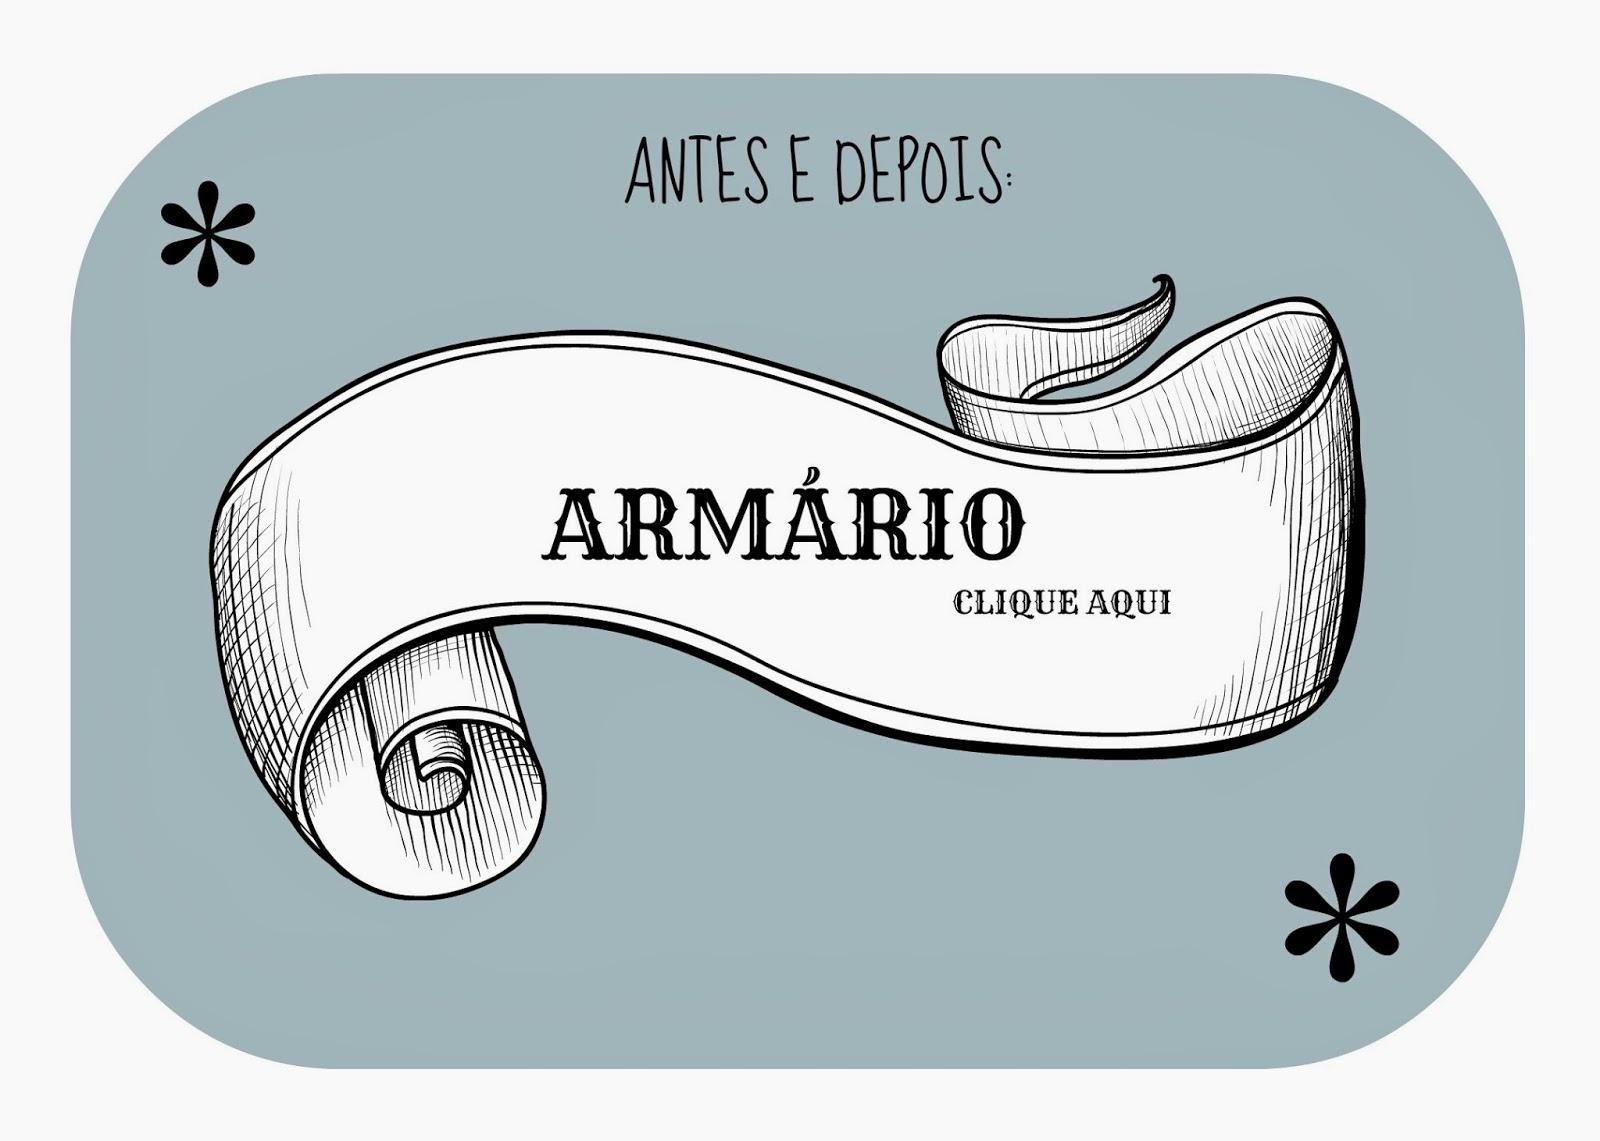 ARMÁRIO COM PAPEL DE PRESENTE